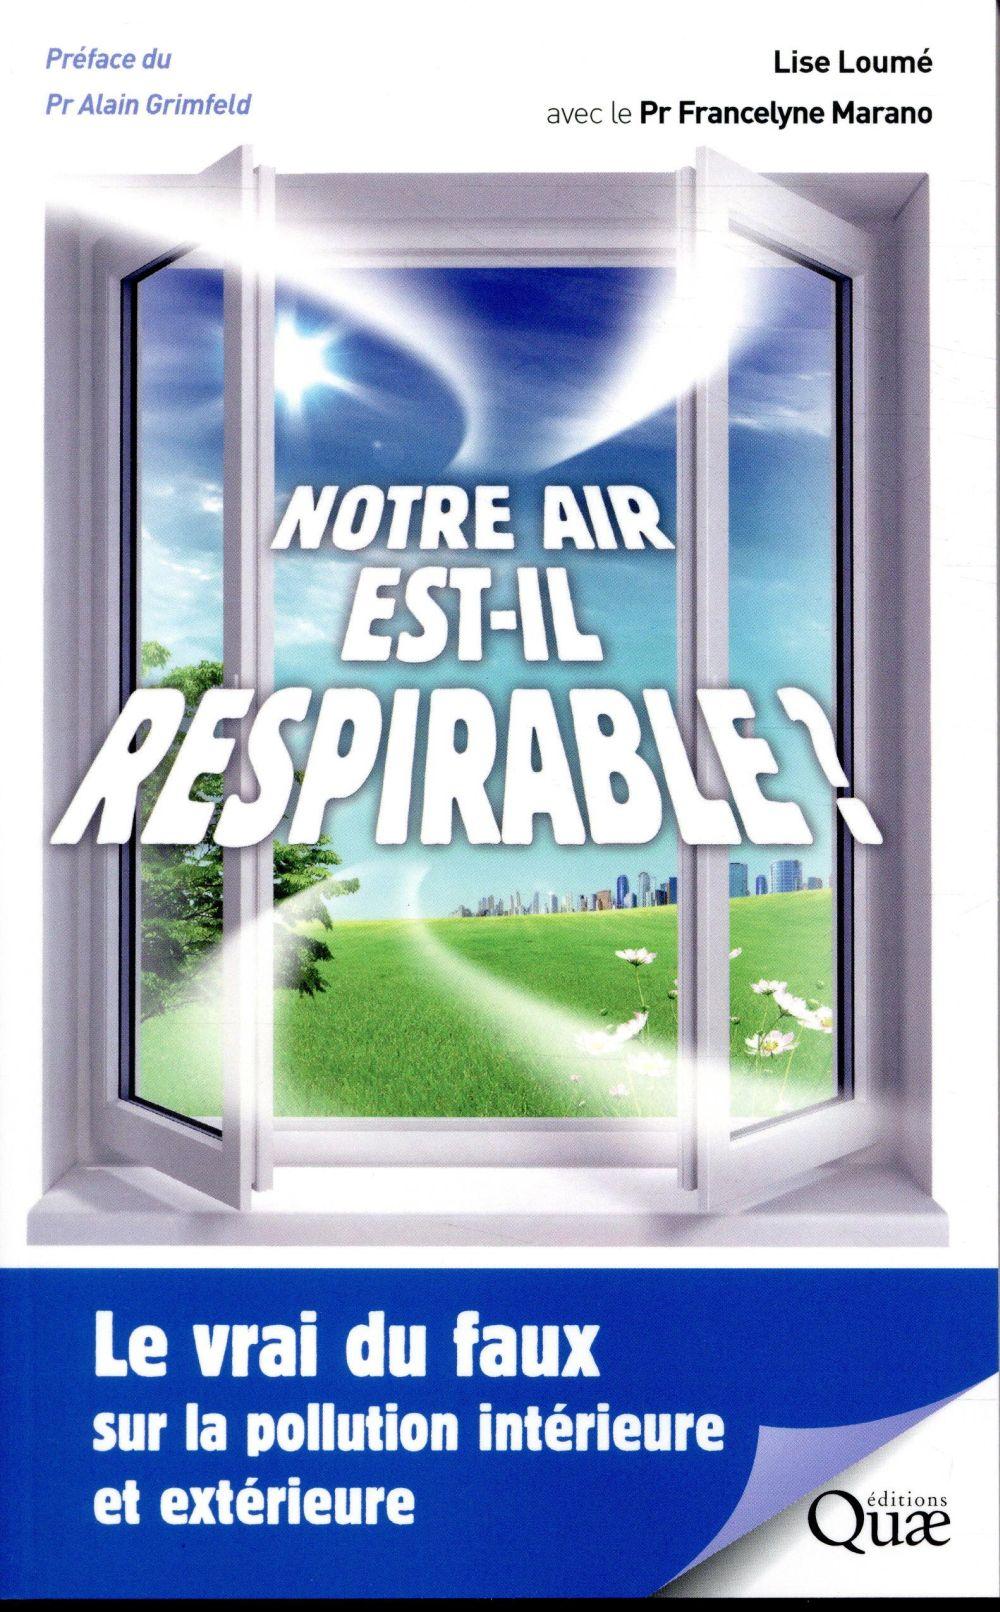 NOTRE AIR EST IL RESPIRABLE - LE VRAI DU FAUX SUR LA POLLUTION INTERIEURE ET EXTERIEURE  PREFACE DU